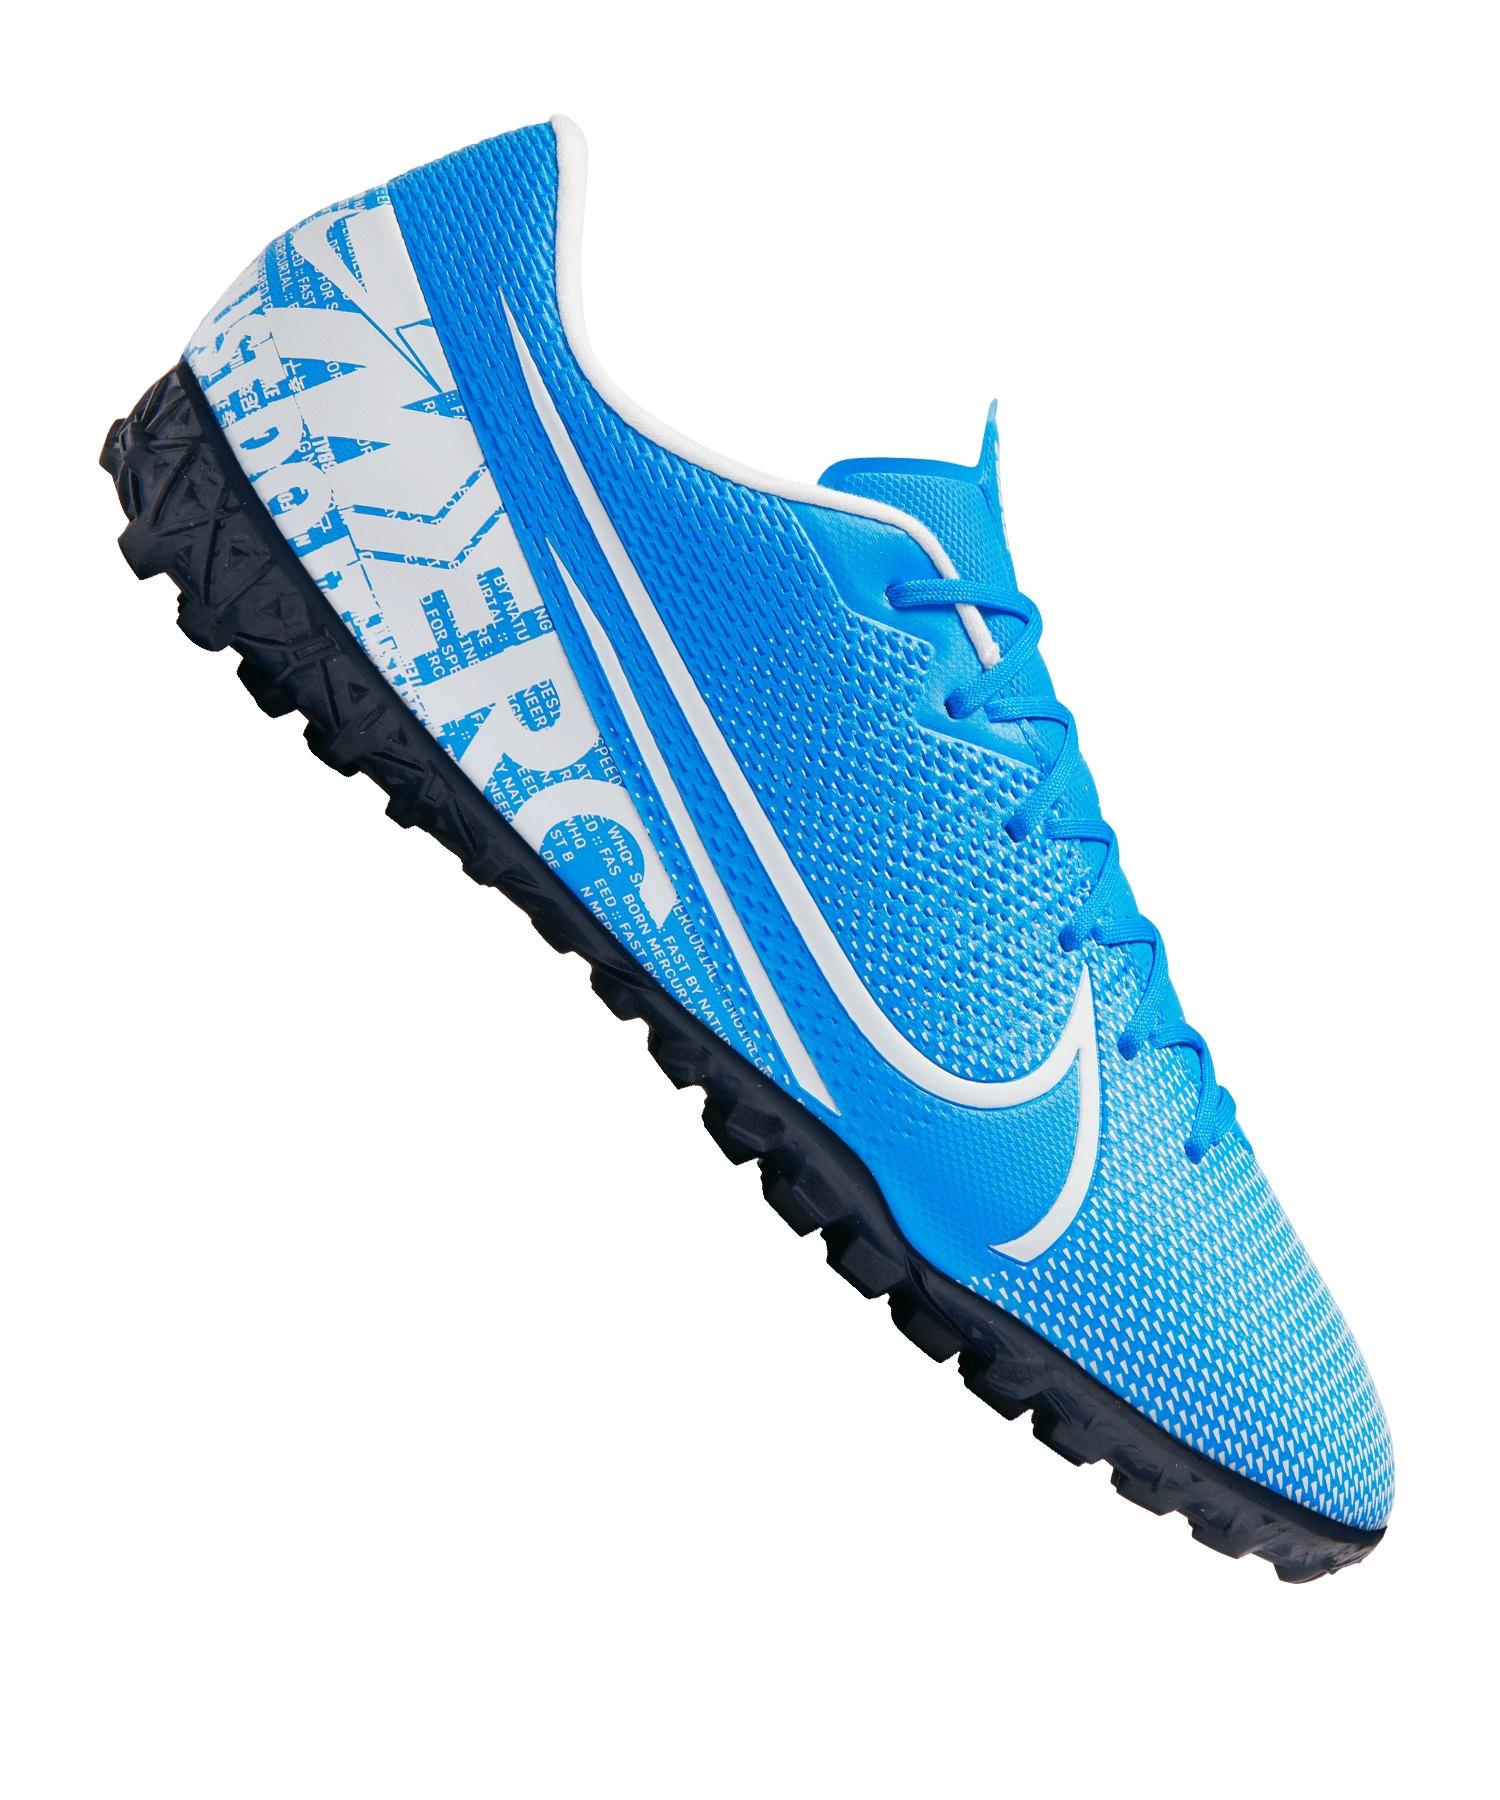 Nike Mercurial Vapor XIII Academy TF Blau F414 - blau